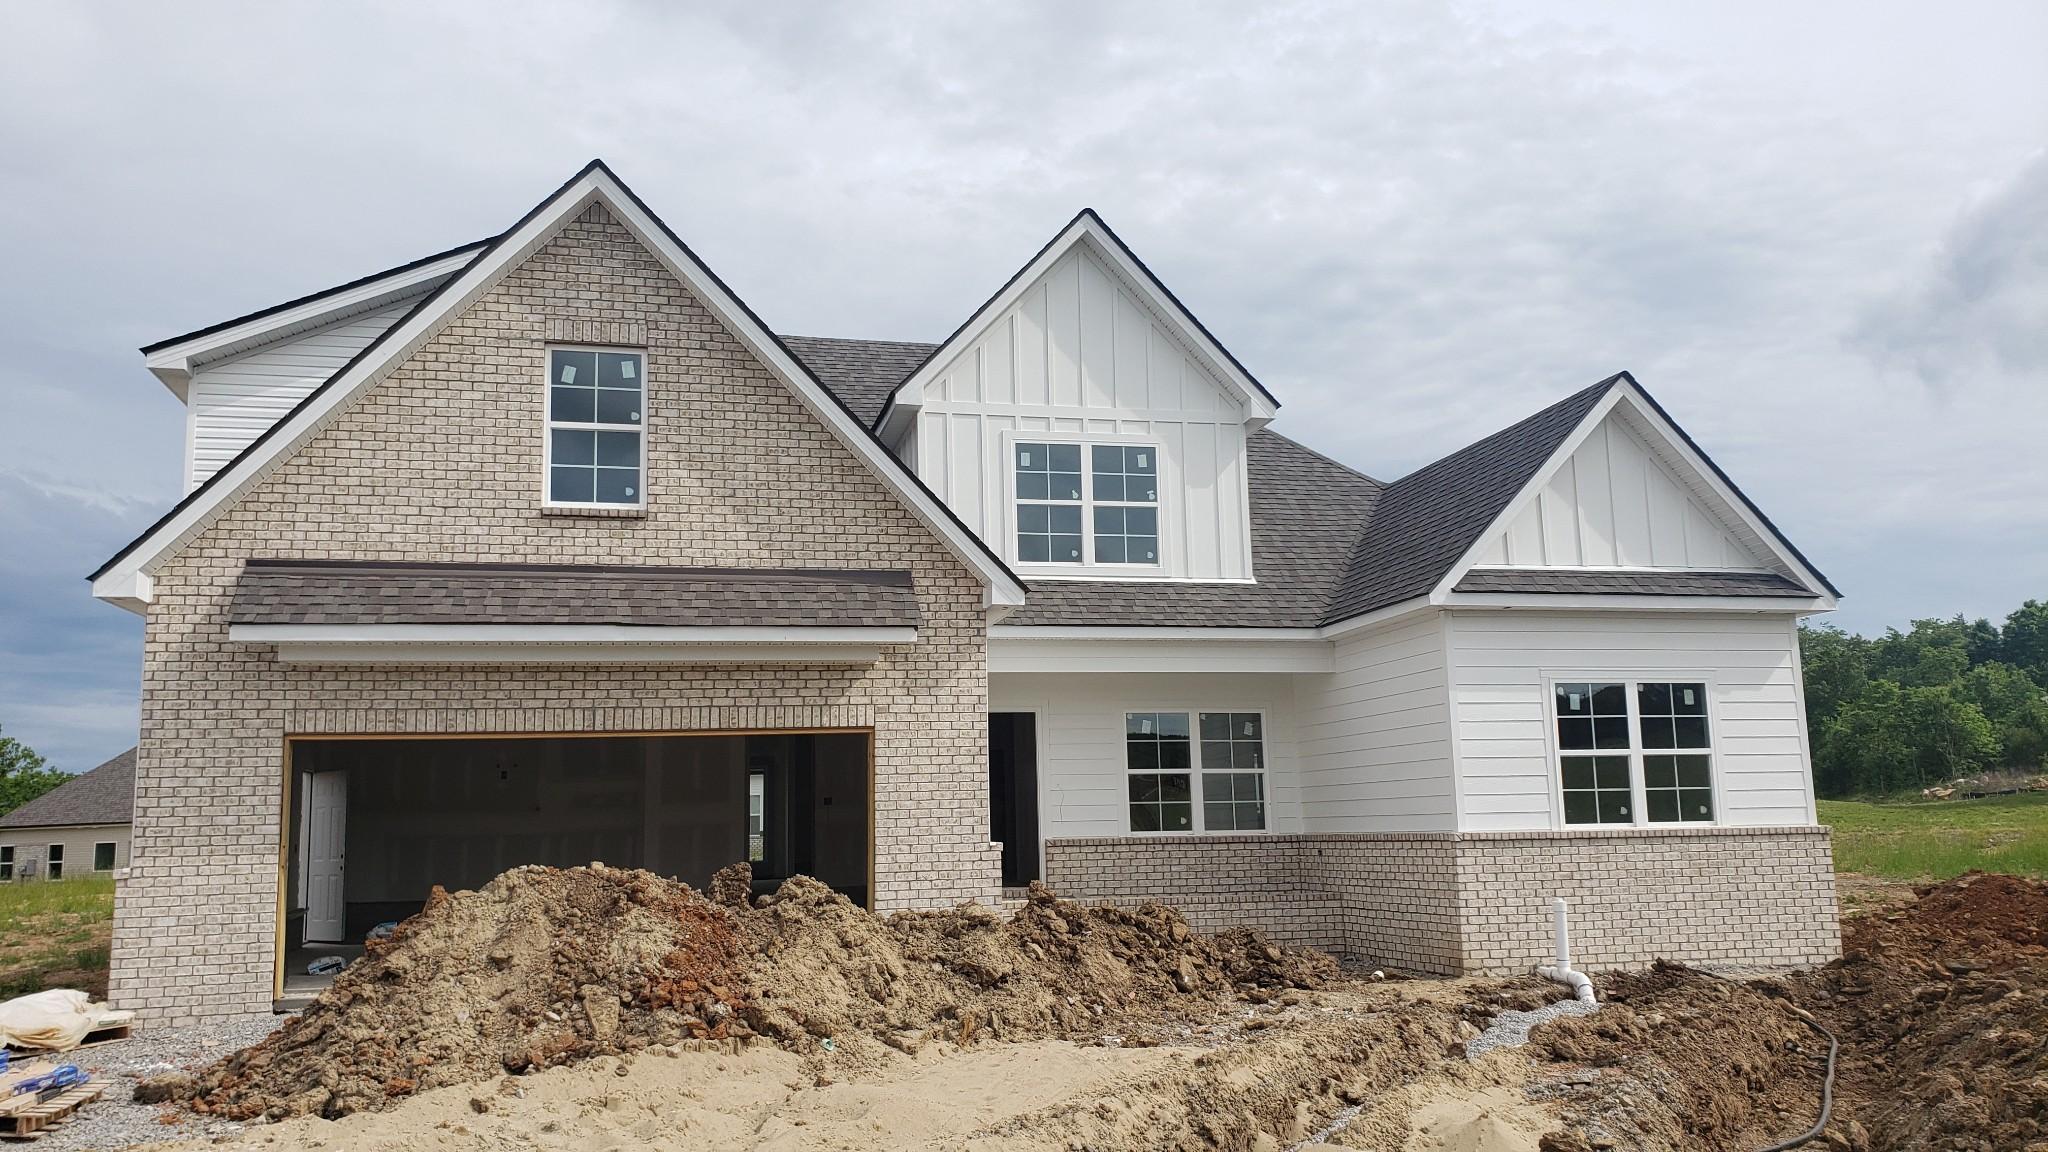 107 Osprey Ct, Nolensville, TN 37135 - Nolensville, TN real estate listing